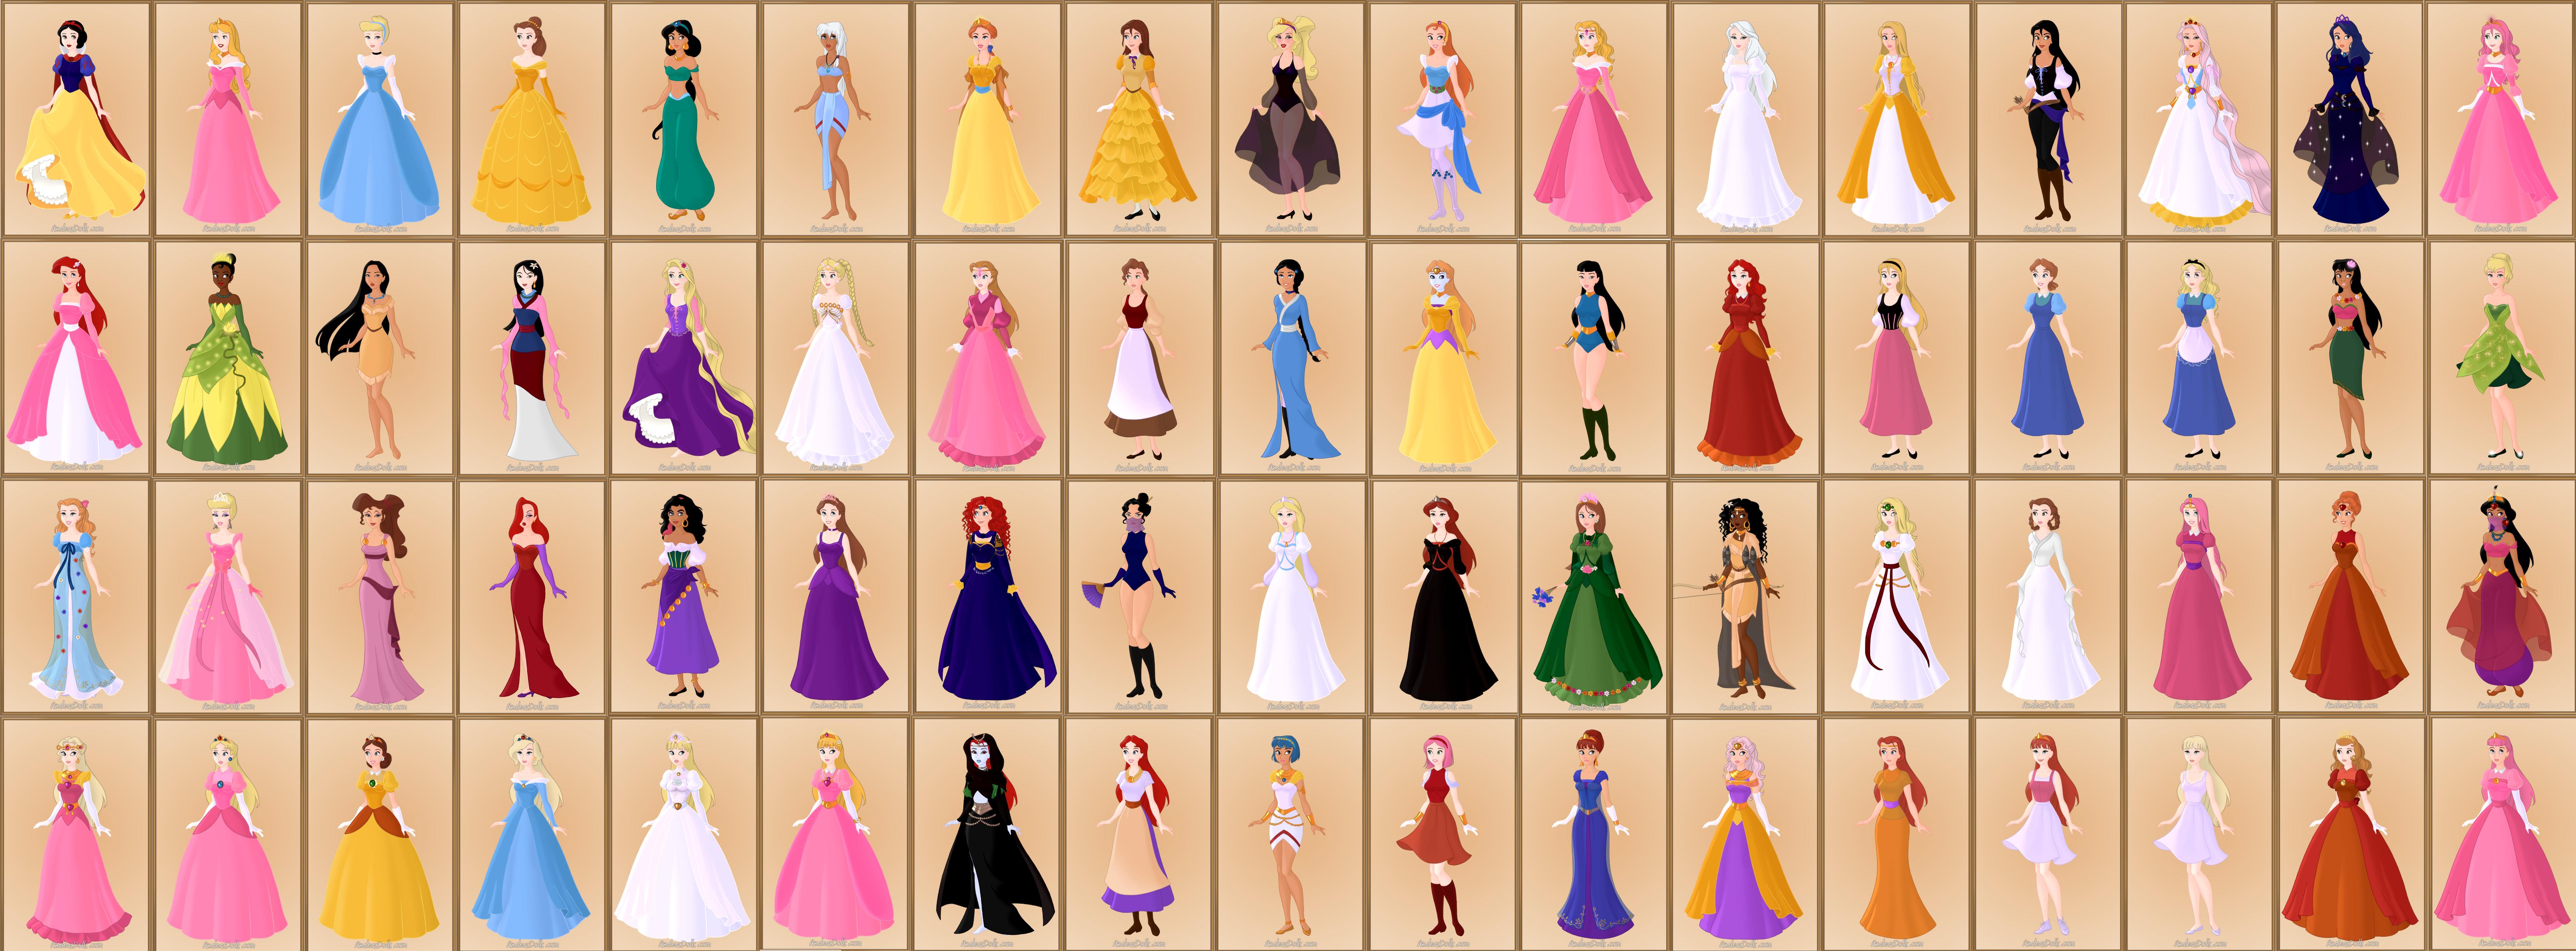 All Disney Princess Images With Their Names Goldenacresdogs Com